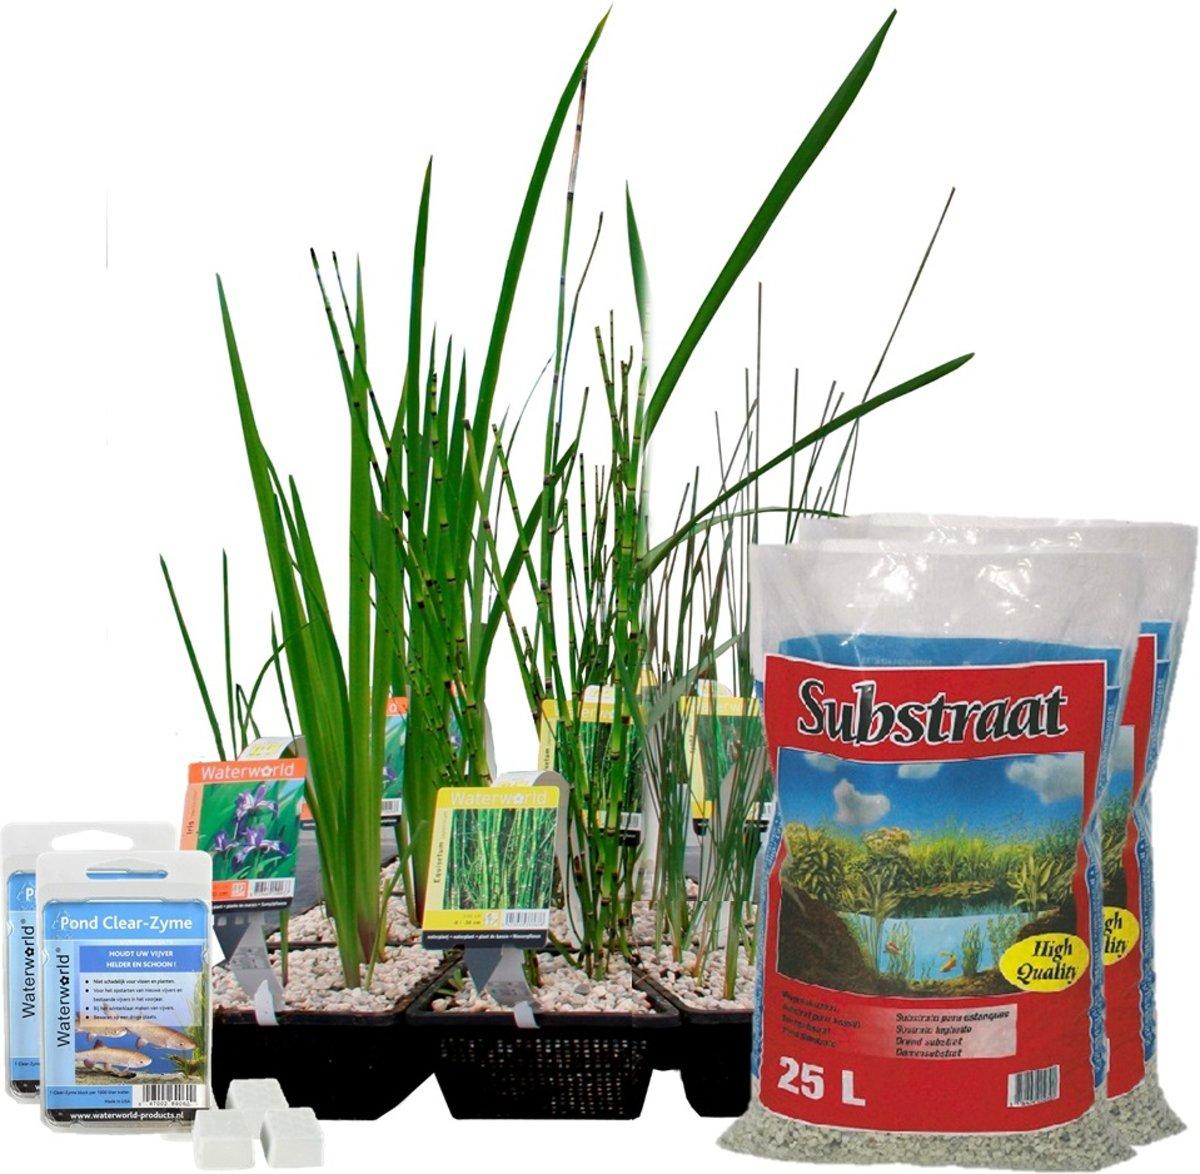 Waterworld Complete Vijver Starter Pakket - Kleine Vijver - Ca. 2m³ Water - 21 Waterplanten, Mandjes, Substraat en Bacterieën kopen